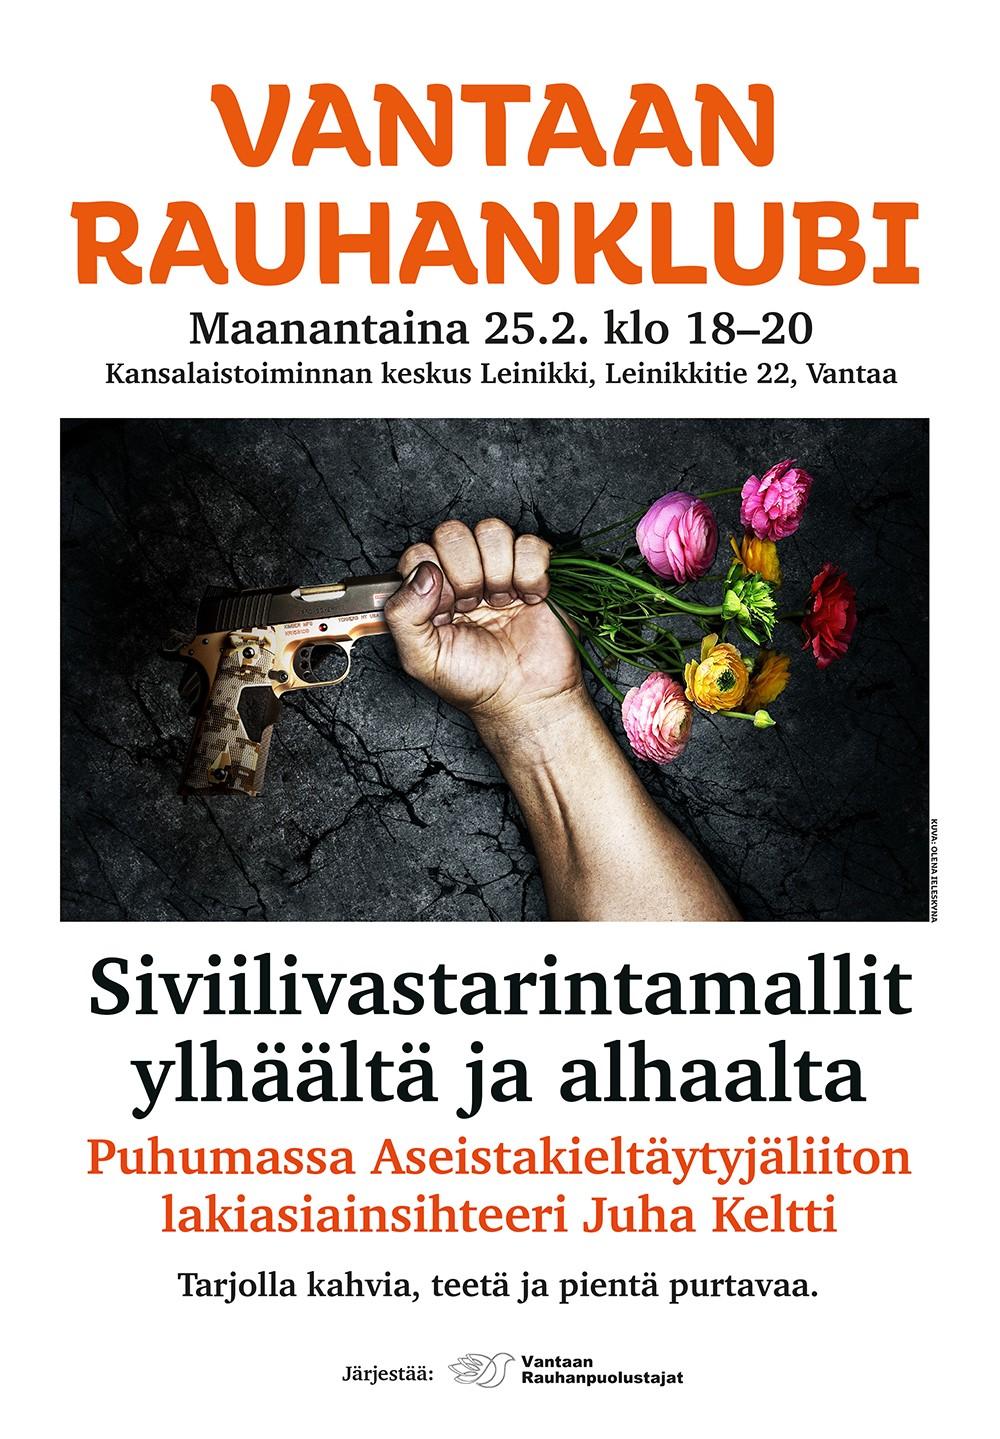 Vantaan rauhanklubi: Siviilivastarintamallit, Vantaa